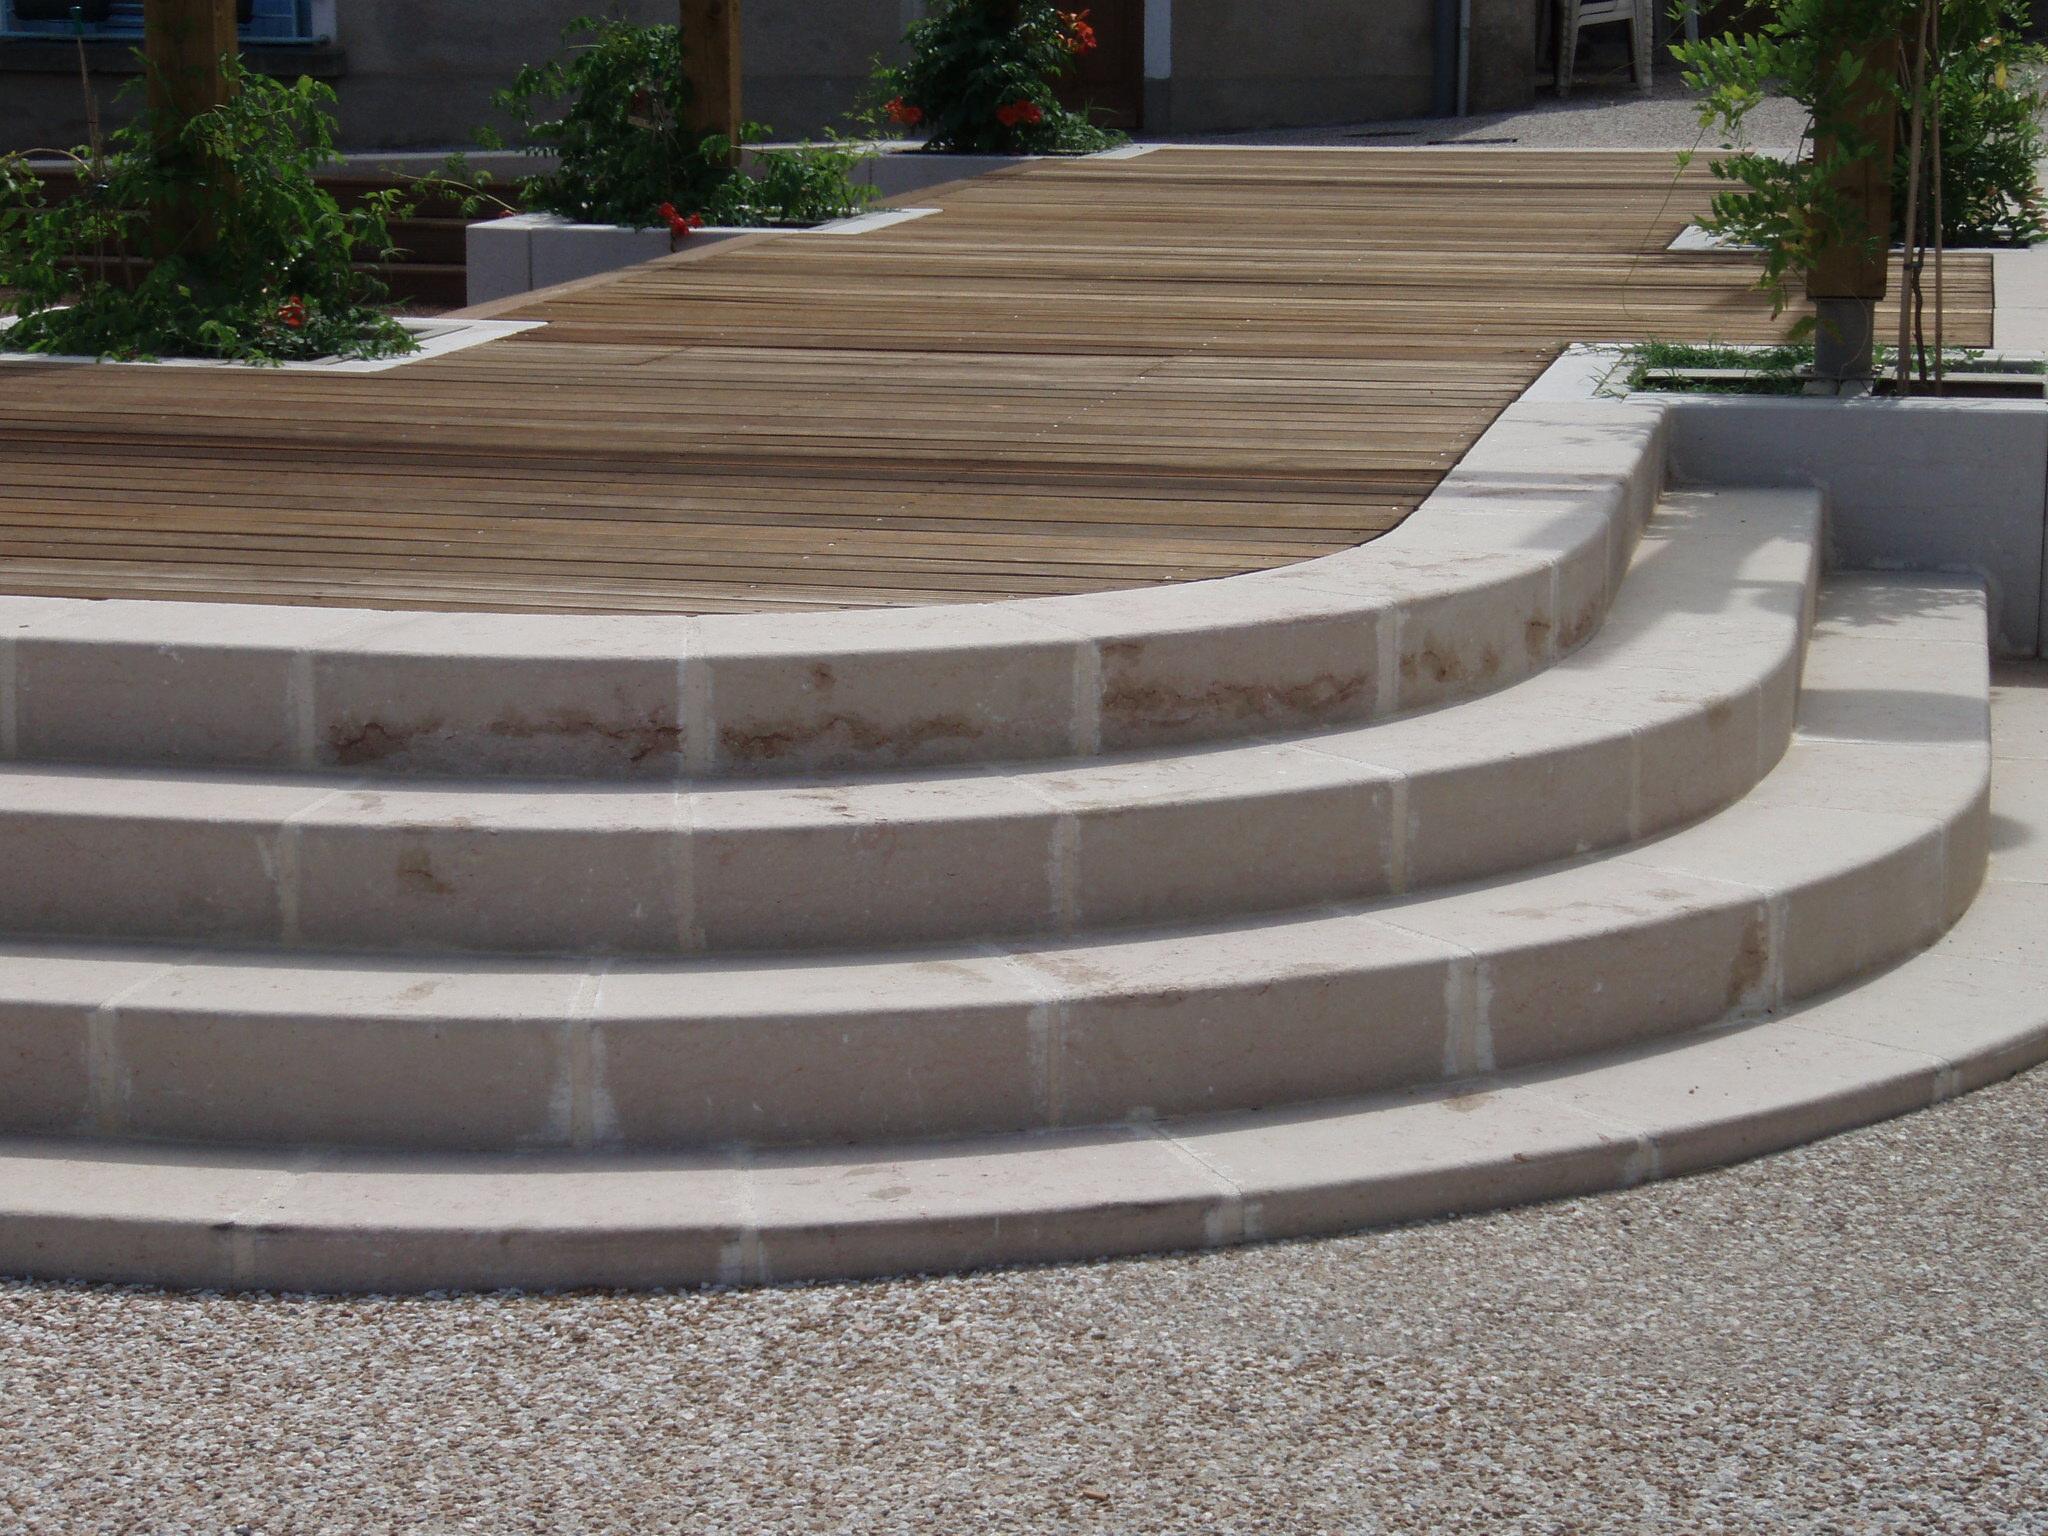 Saturateur bois professionnel pour terrasse sarl Vedel